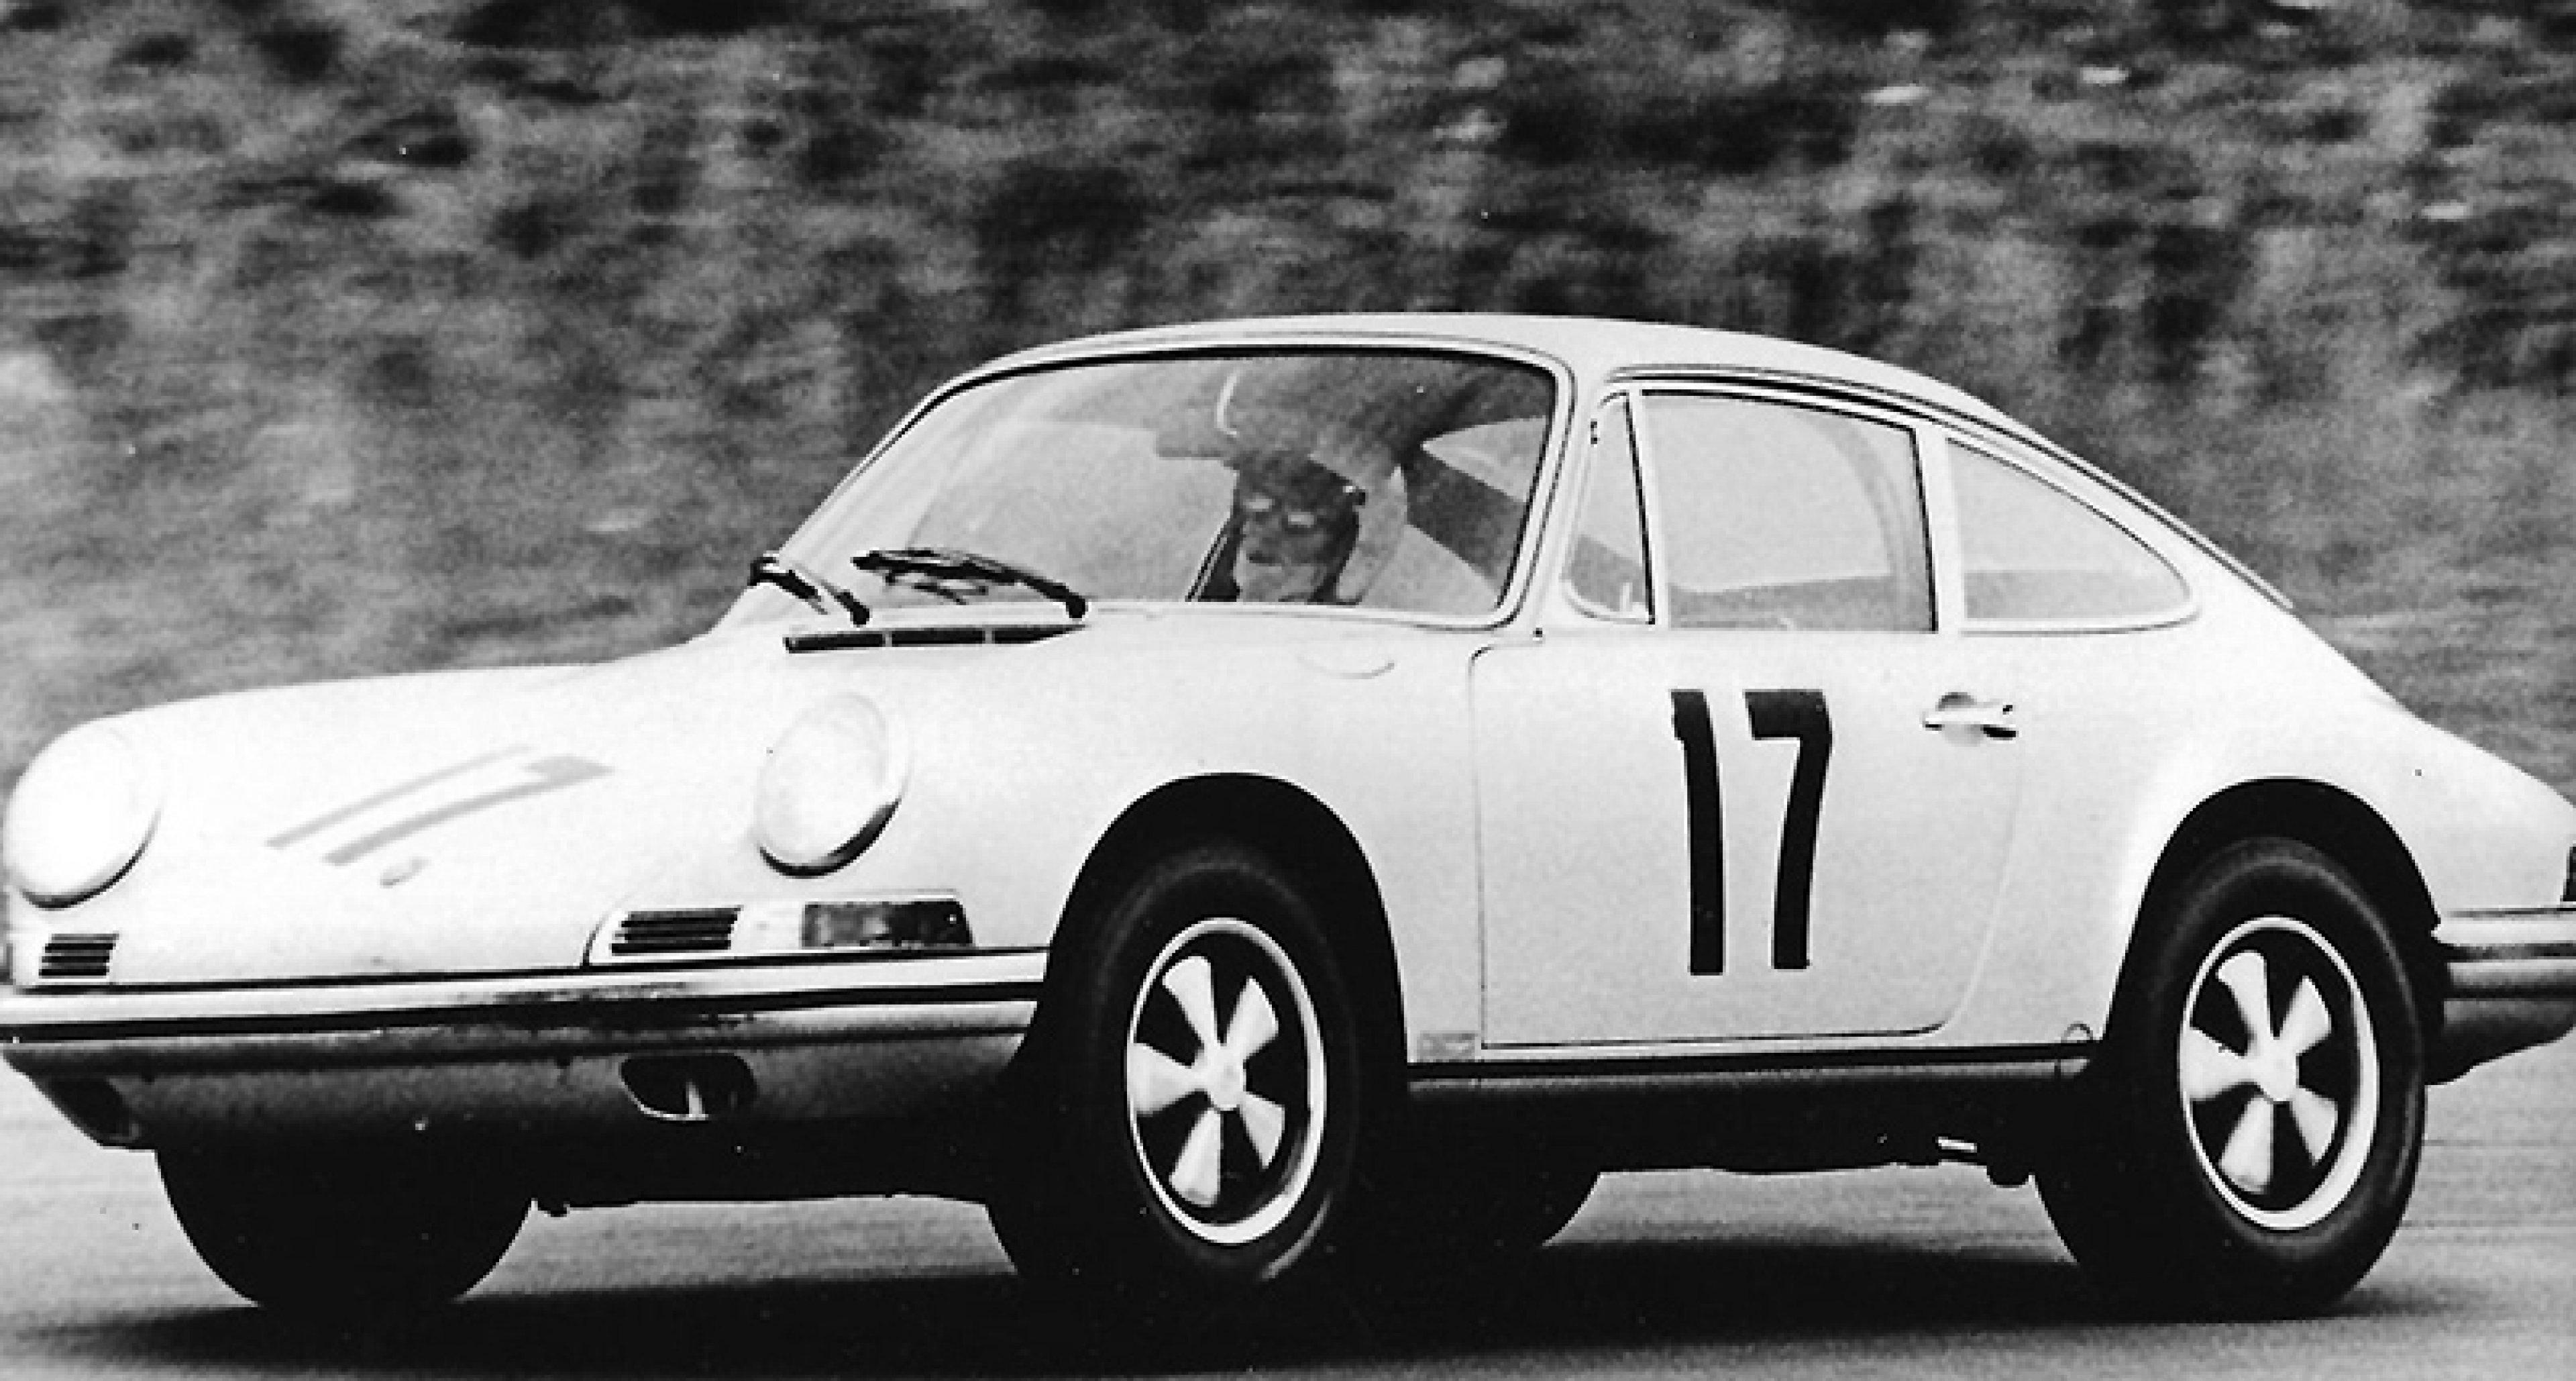 New to Classic Driver: 1968 Porsche 911 T/R